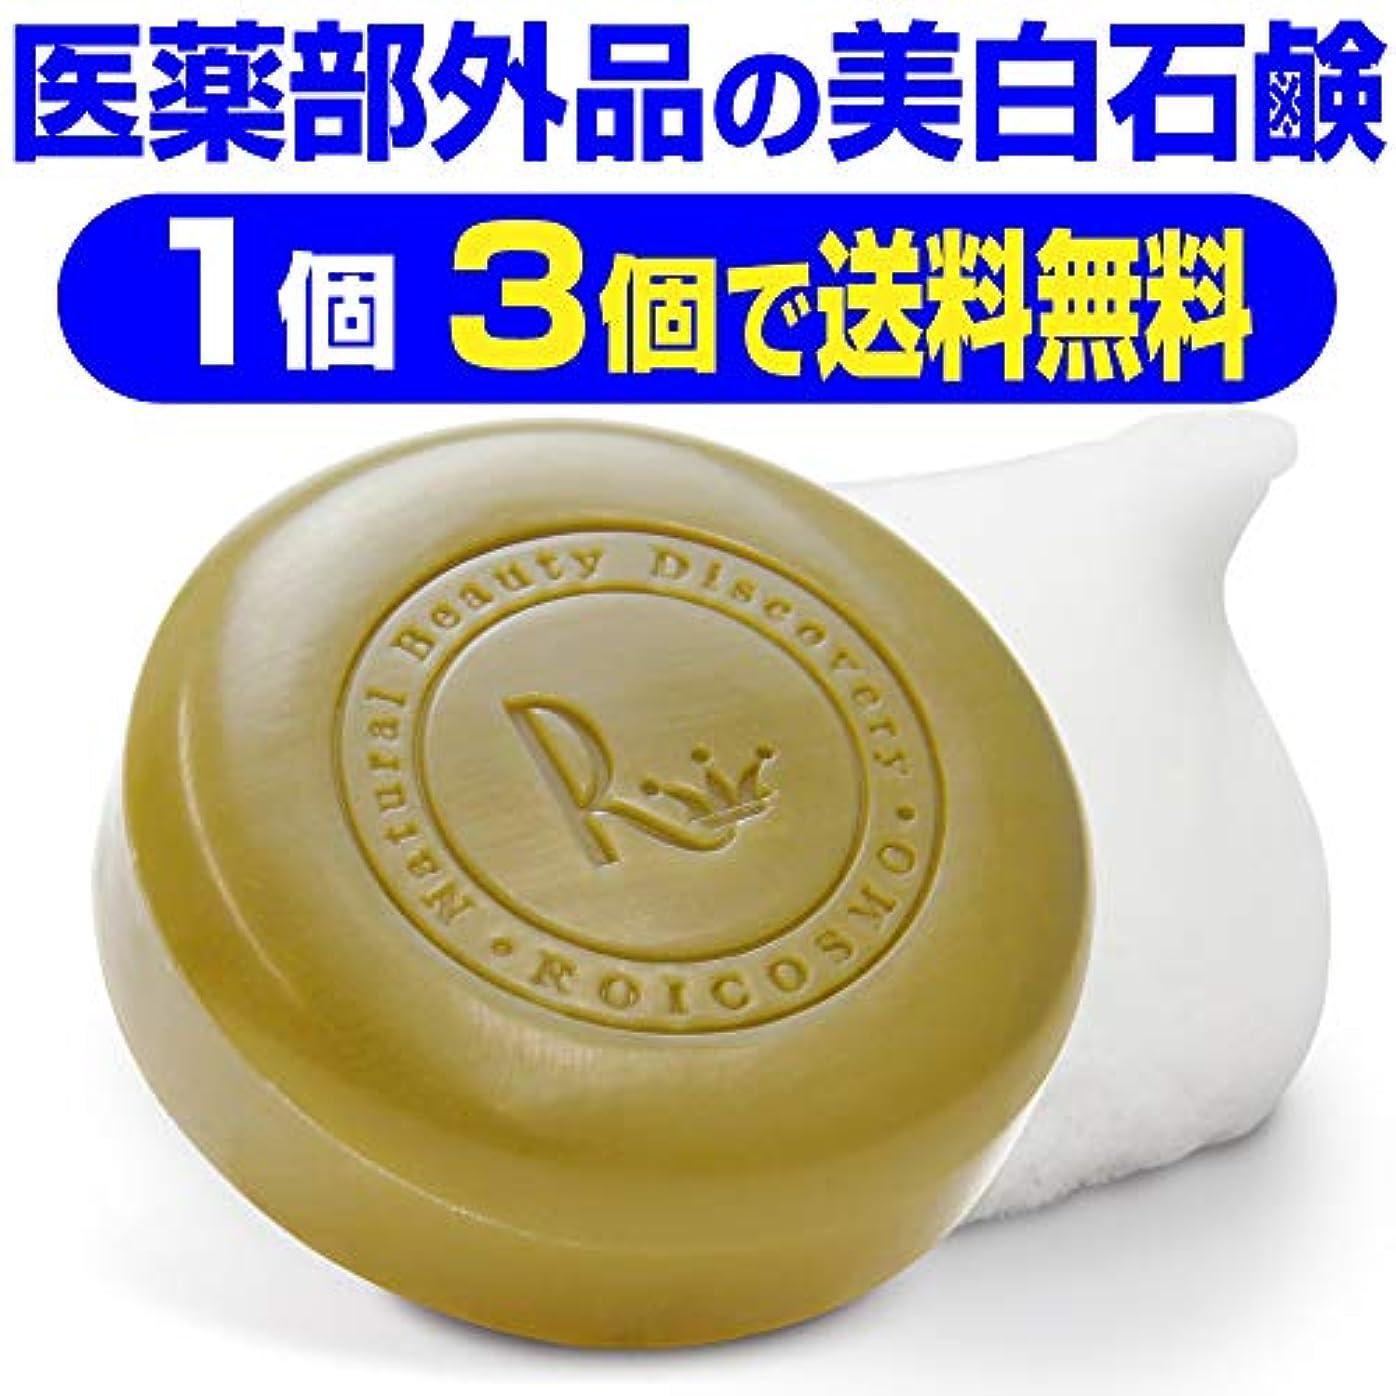 かんたん公使館信念美白石鹸/ビタミンC270倍の美白成分配合の 洗顔石鹸 固形『ホワイトソープ100g×1個』